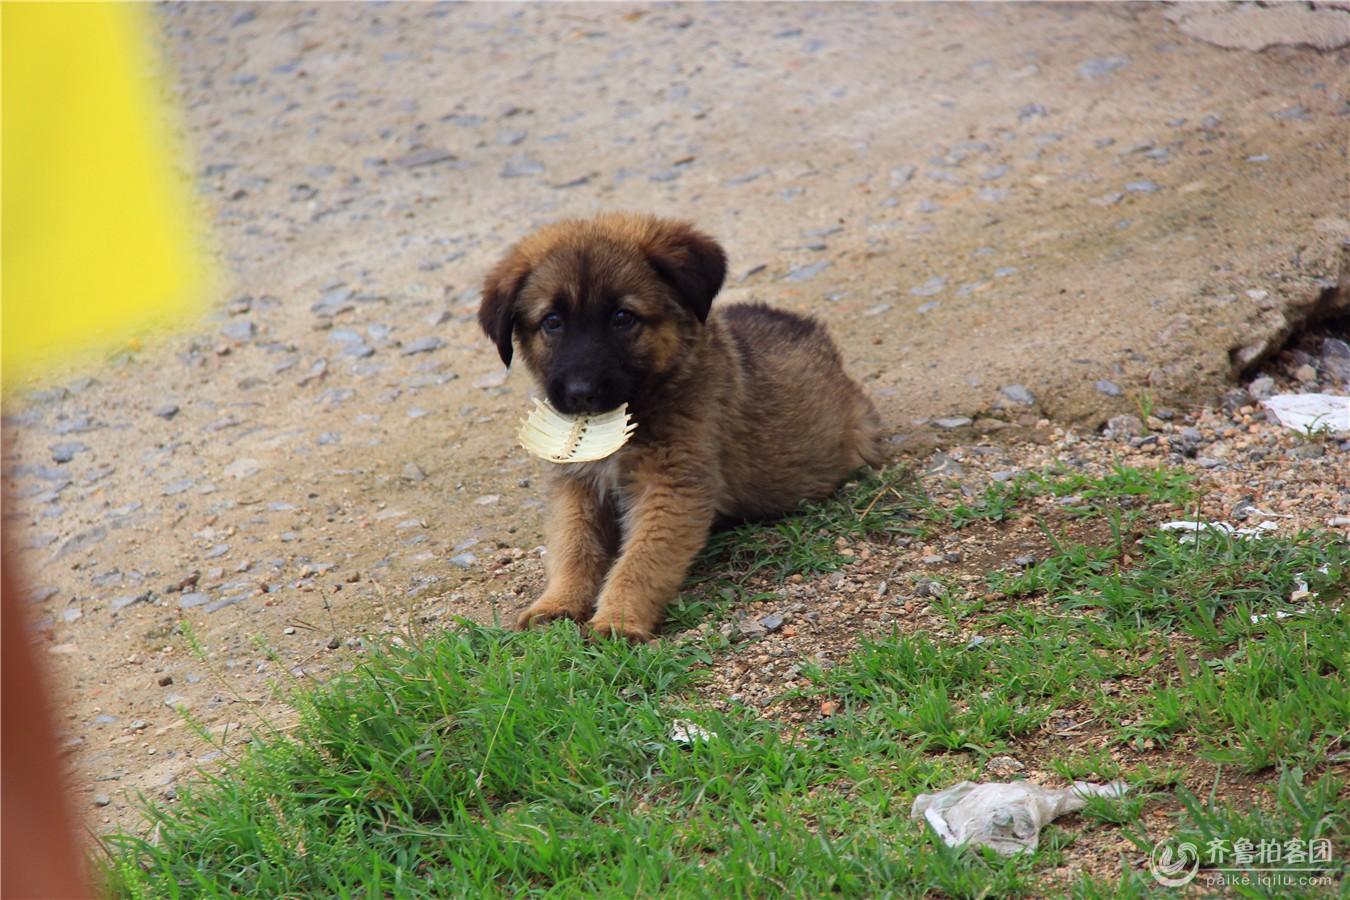 论坛 69 齐鲁拍客团 69 济宁拍客 69 可爱的小狗  分享到:qq